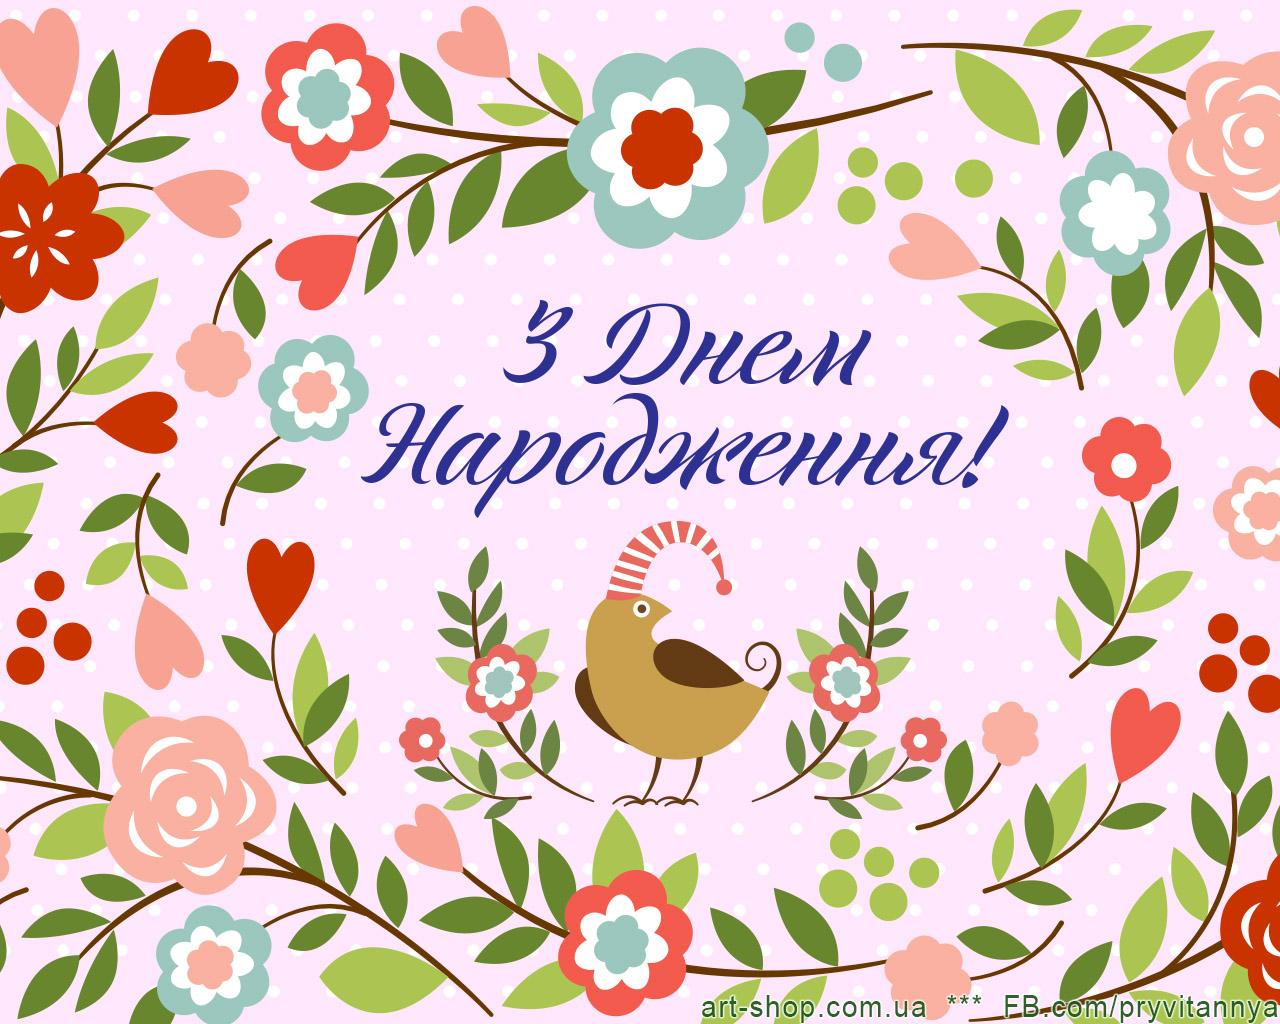 Пирятинська батьківщина щиро вітає богдана руслана дмитровича з днем народження